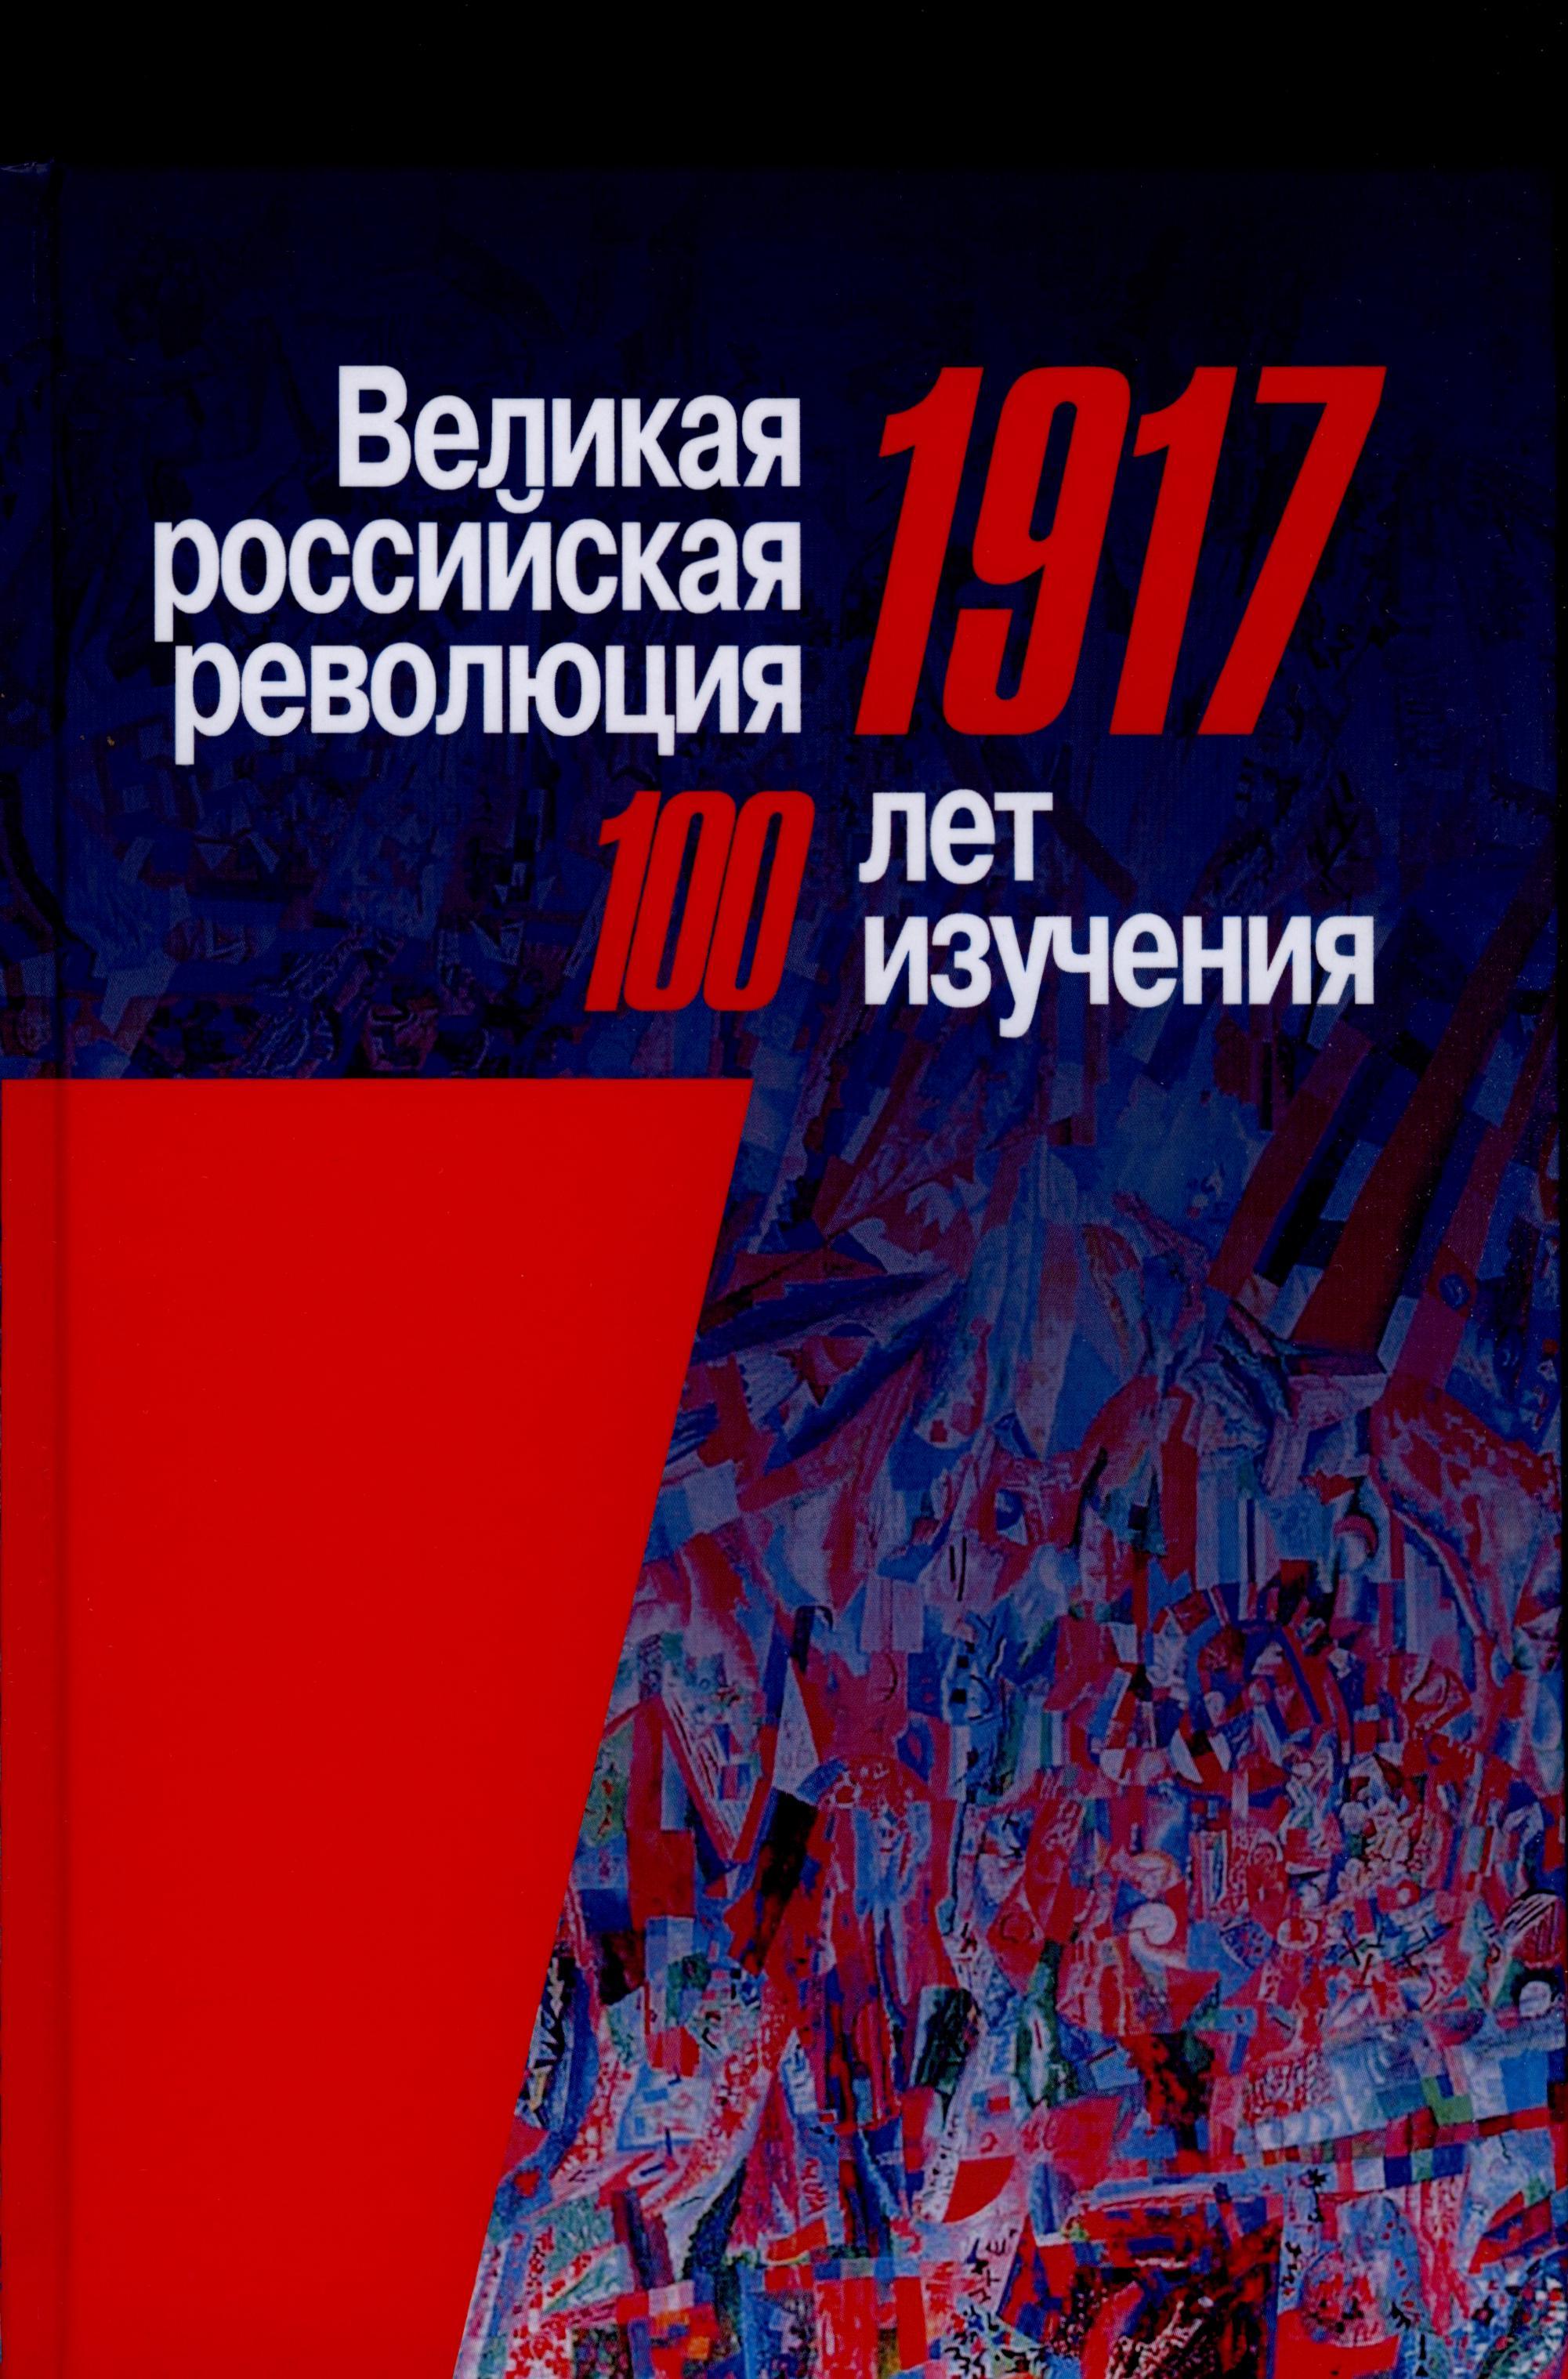 Великая Российская революция 1917 года.jpg